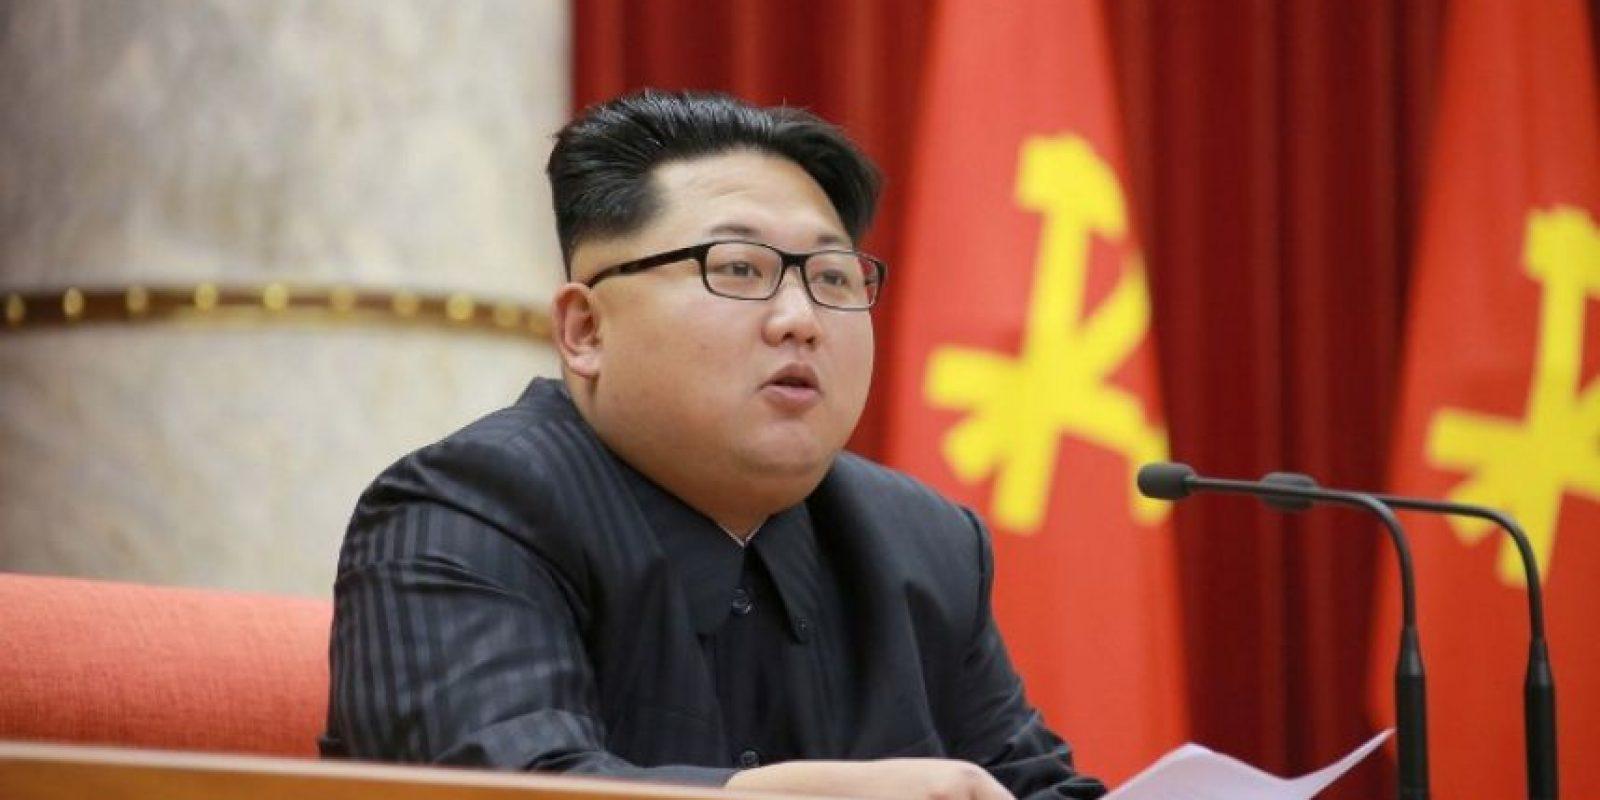 2. Corea del Norte ordenó retrasar todos los relojes 30 minutos Foto:AFP